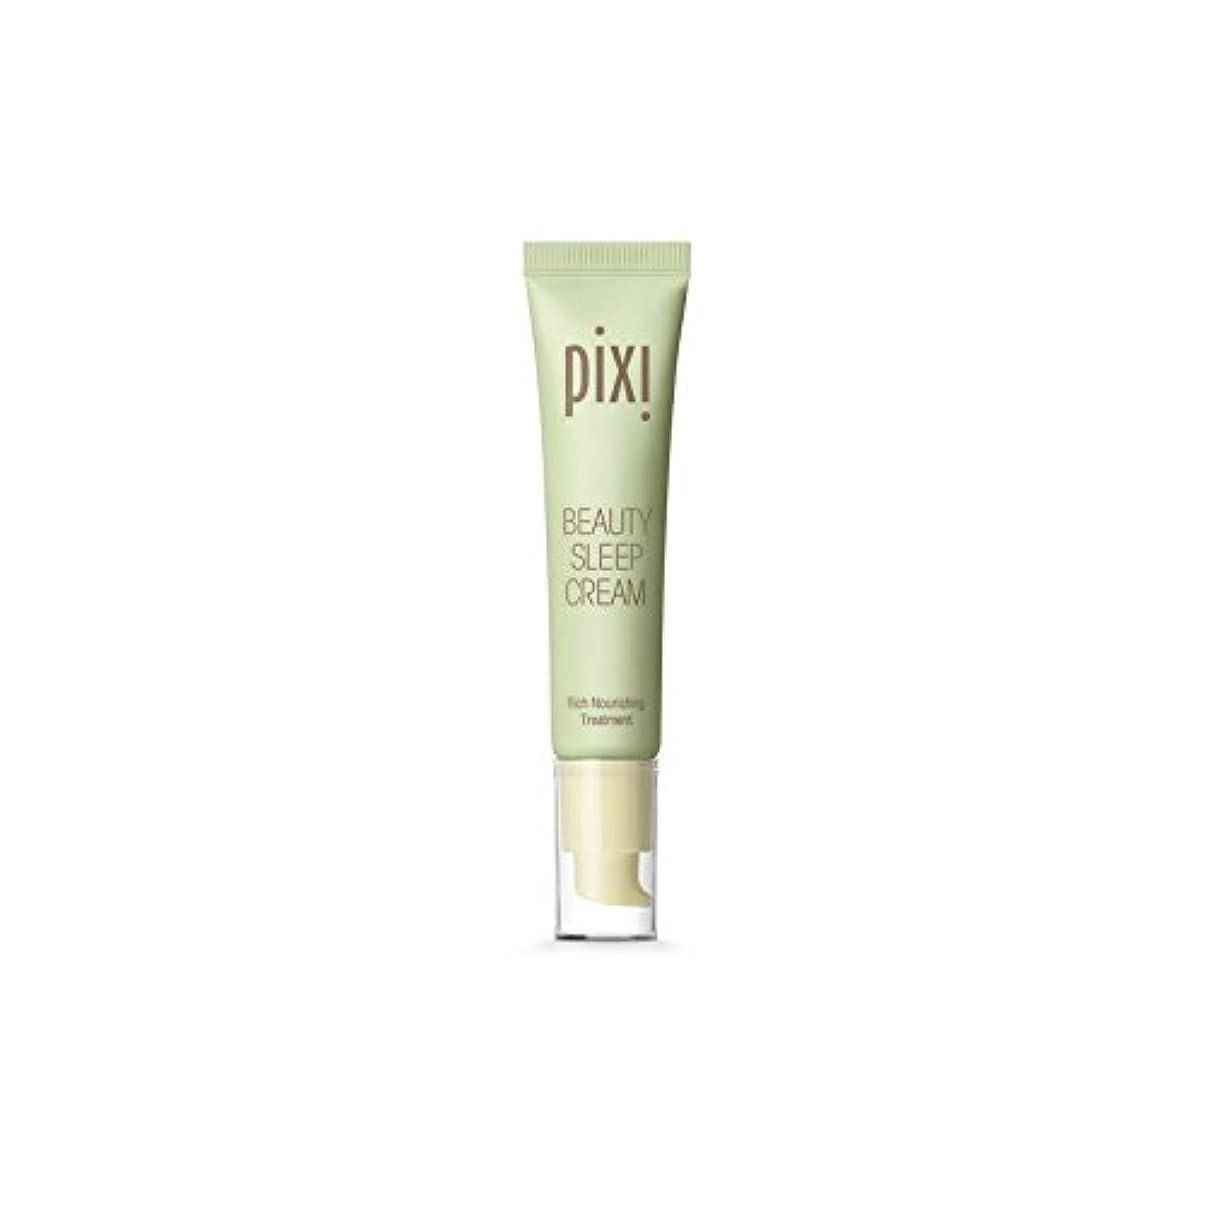 売るエンジン便利美しさの睡眠クリーム x2 - Pixi Beauty Sleep Cream (Pack of 2) [並行輸入品]